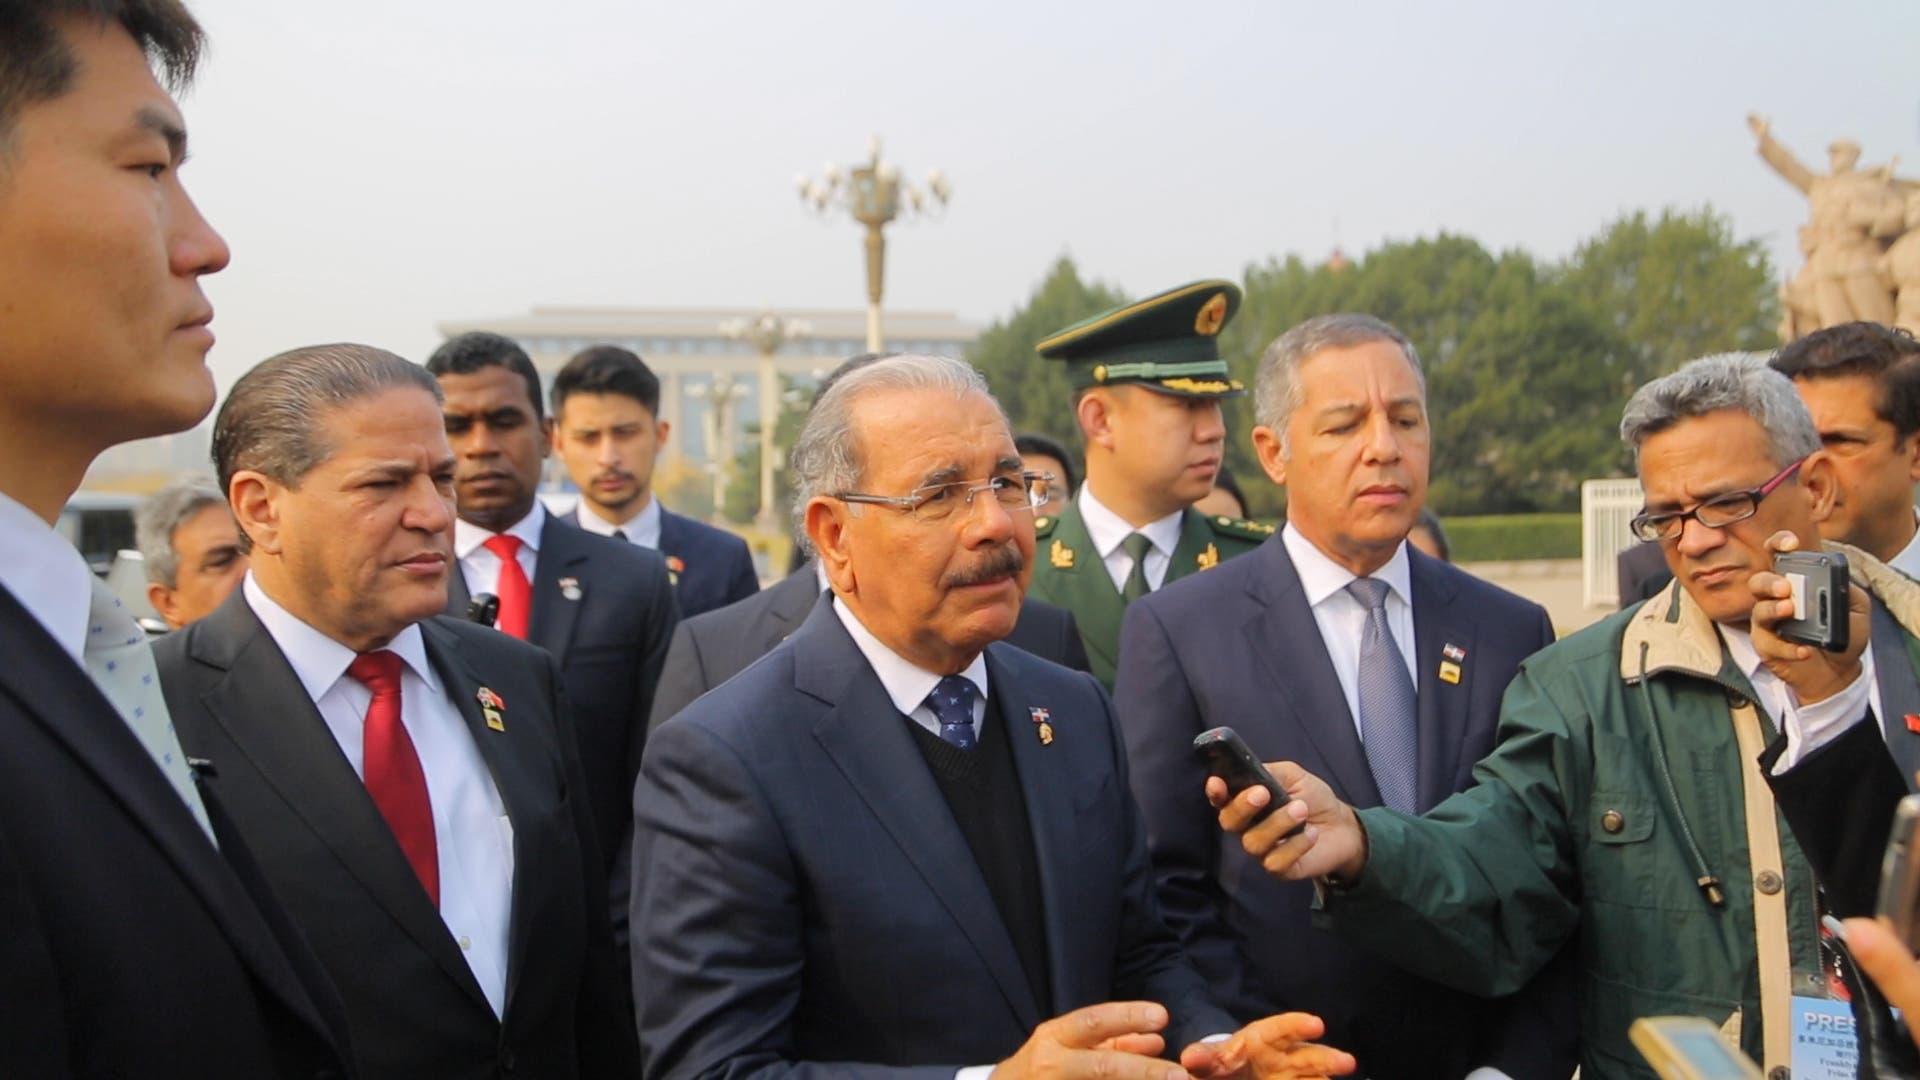 6. El presidente Danilo Medina ofrece rueda de prensa a periodistas dominicanos en el primer día de su visita a China.